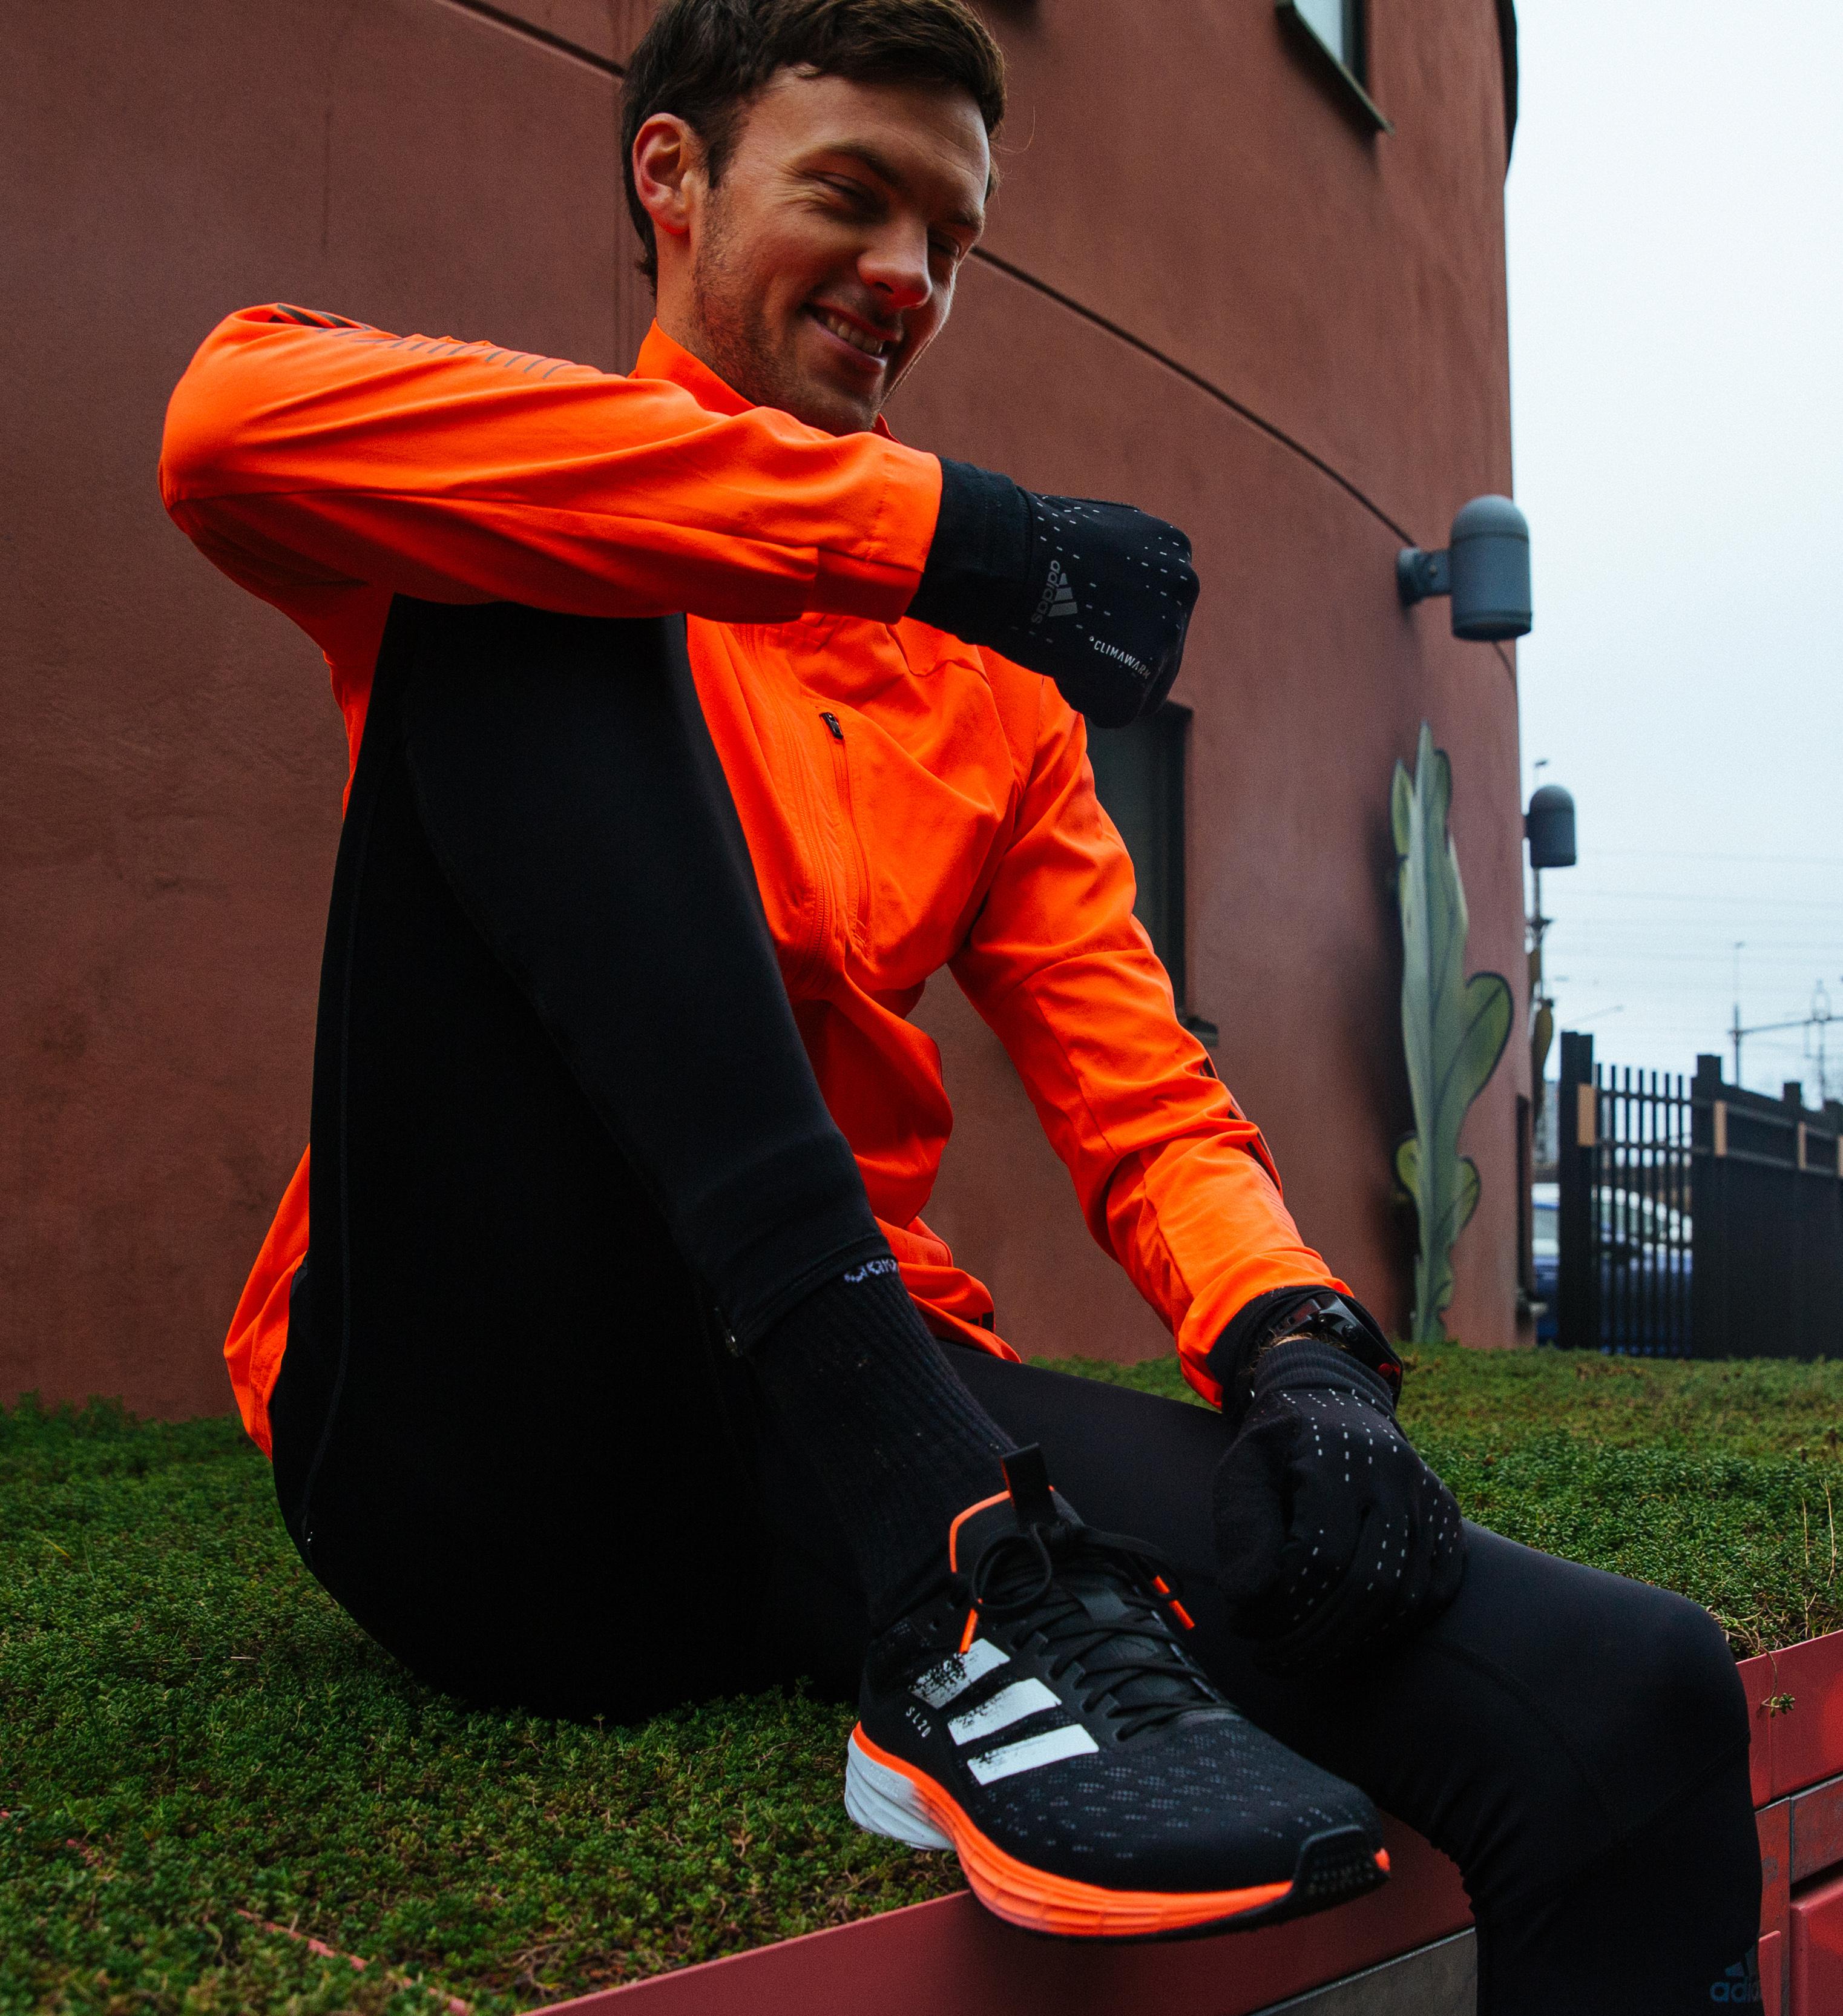 Världens bästa löparsko är korad! Runner's World